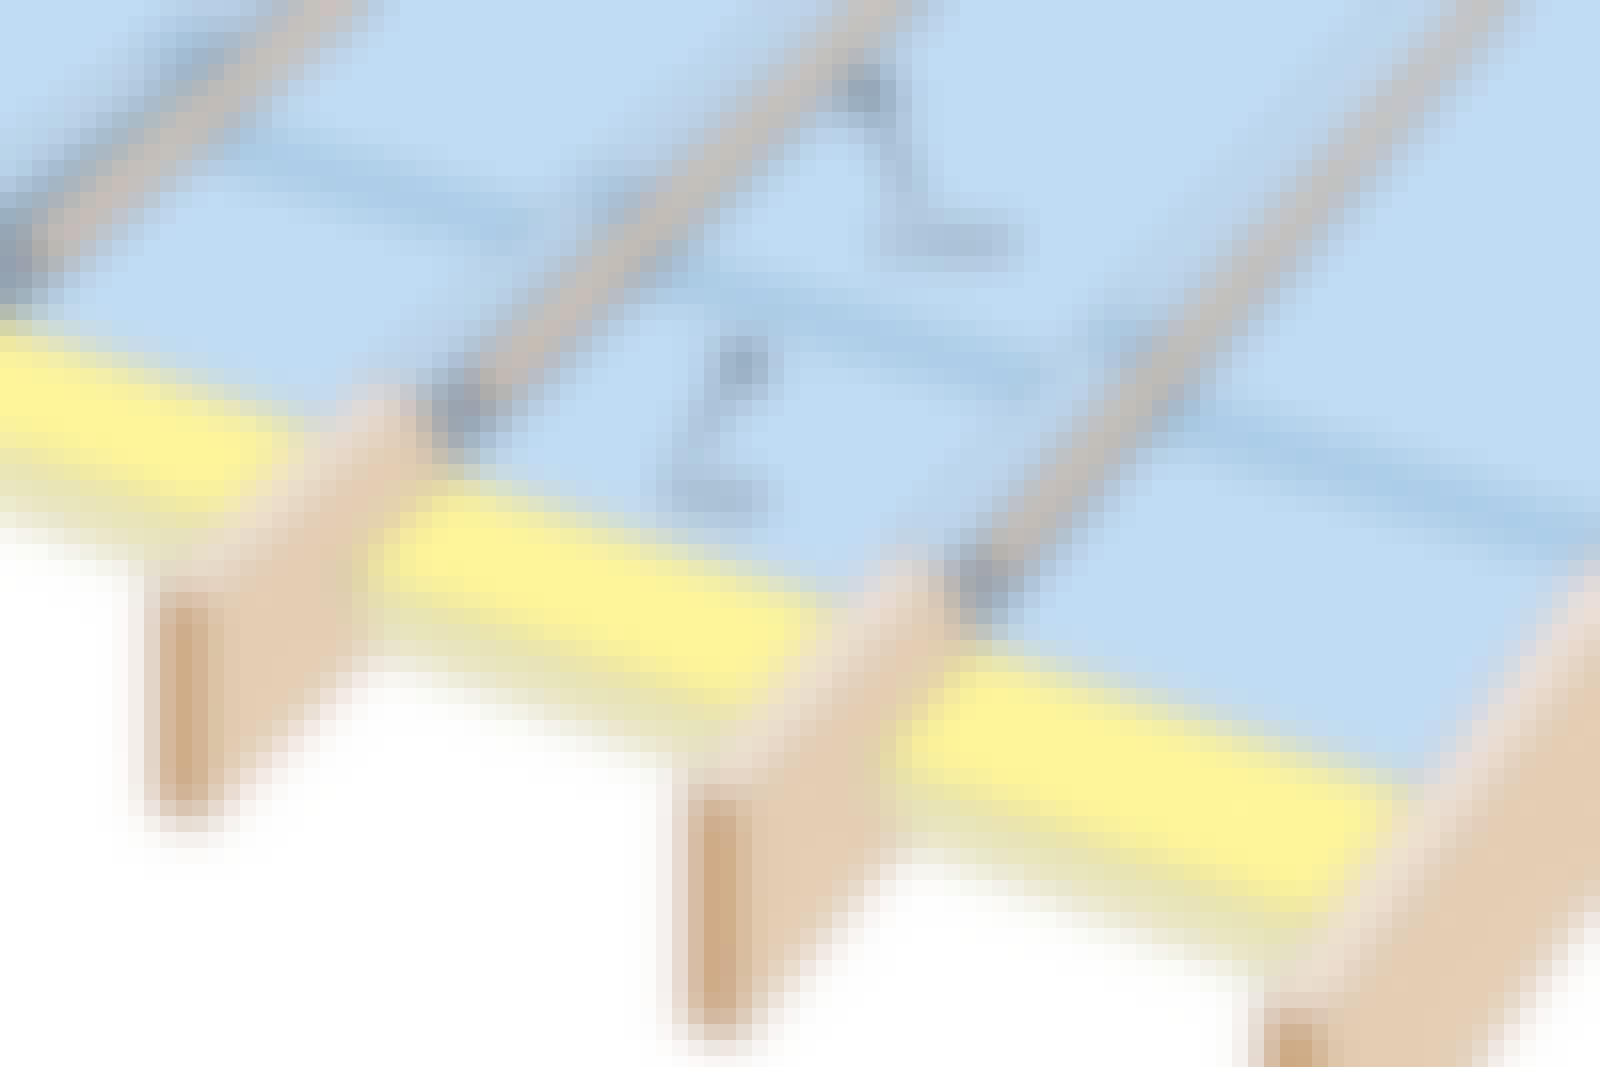 Tett dampsperre: Over sperrer